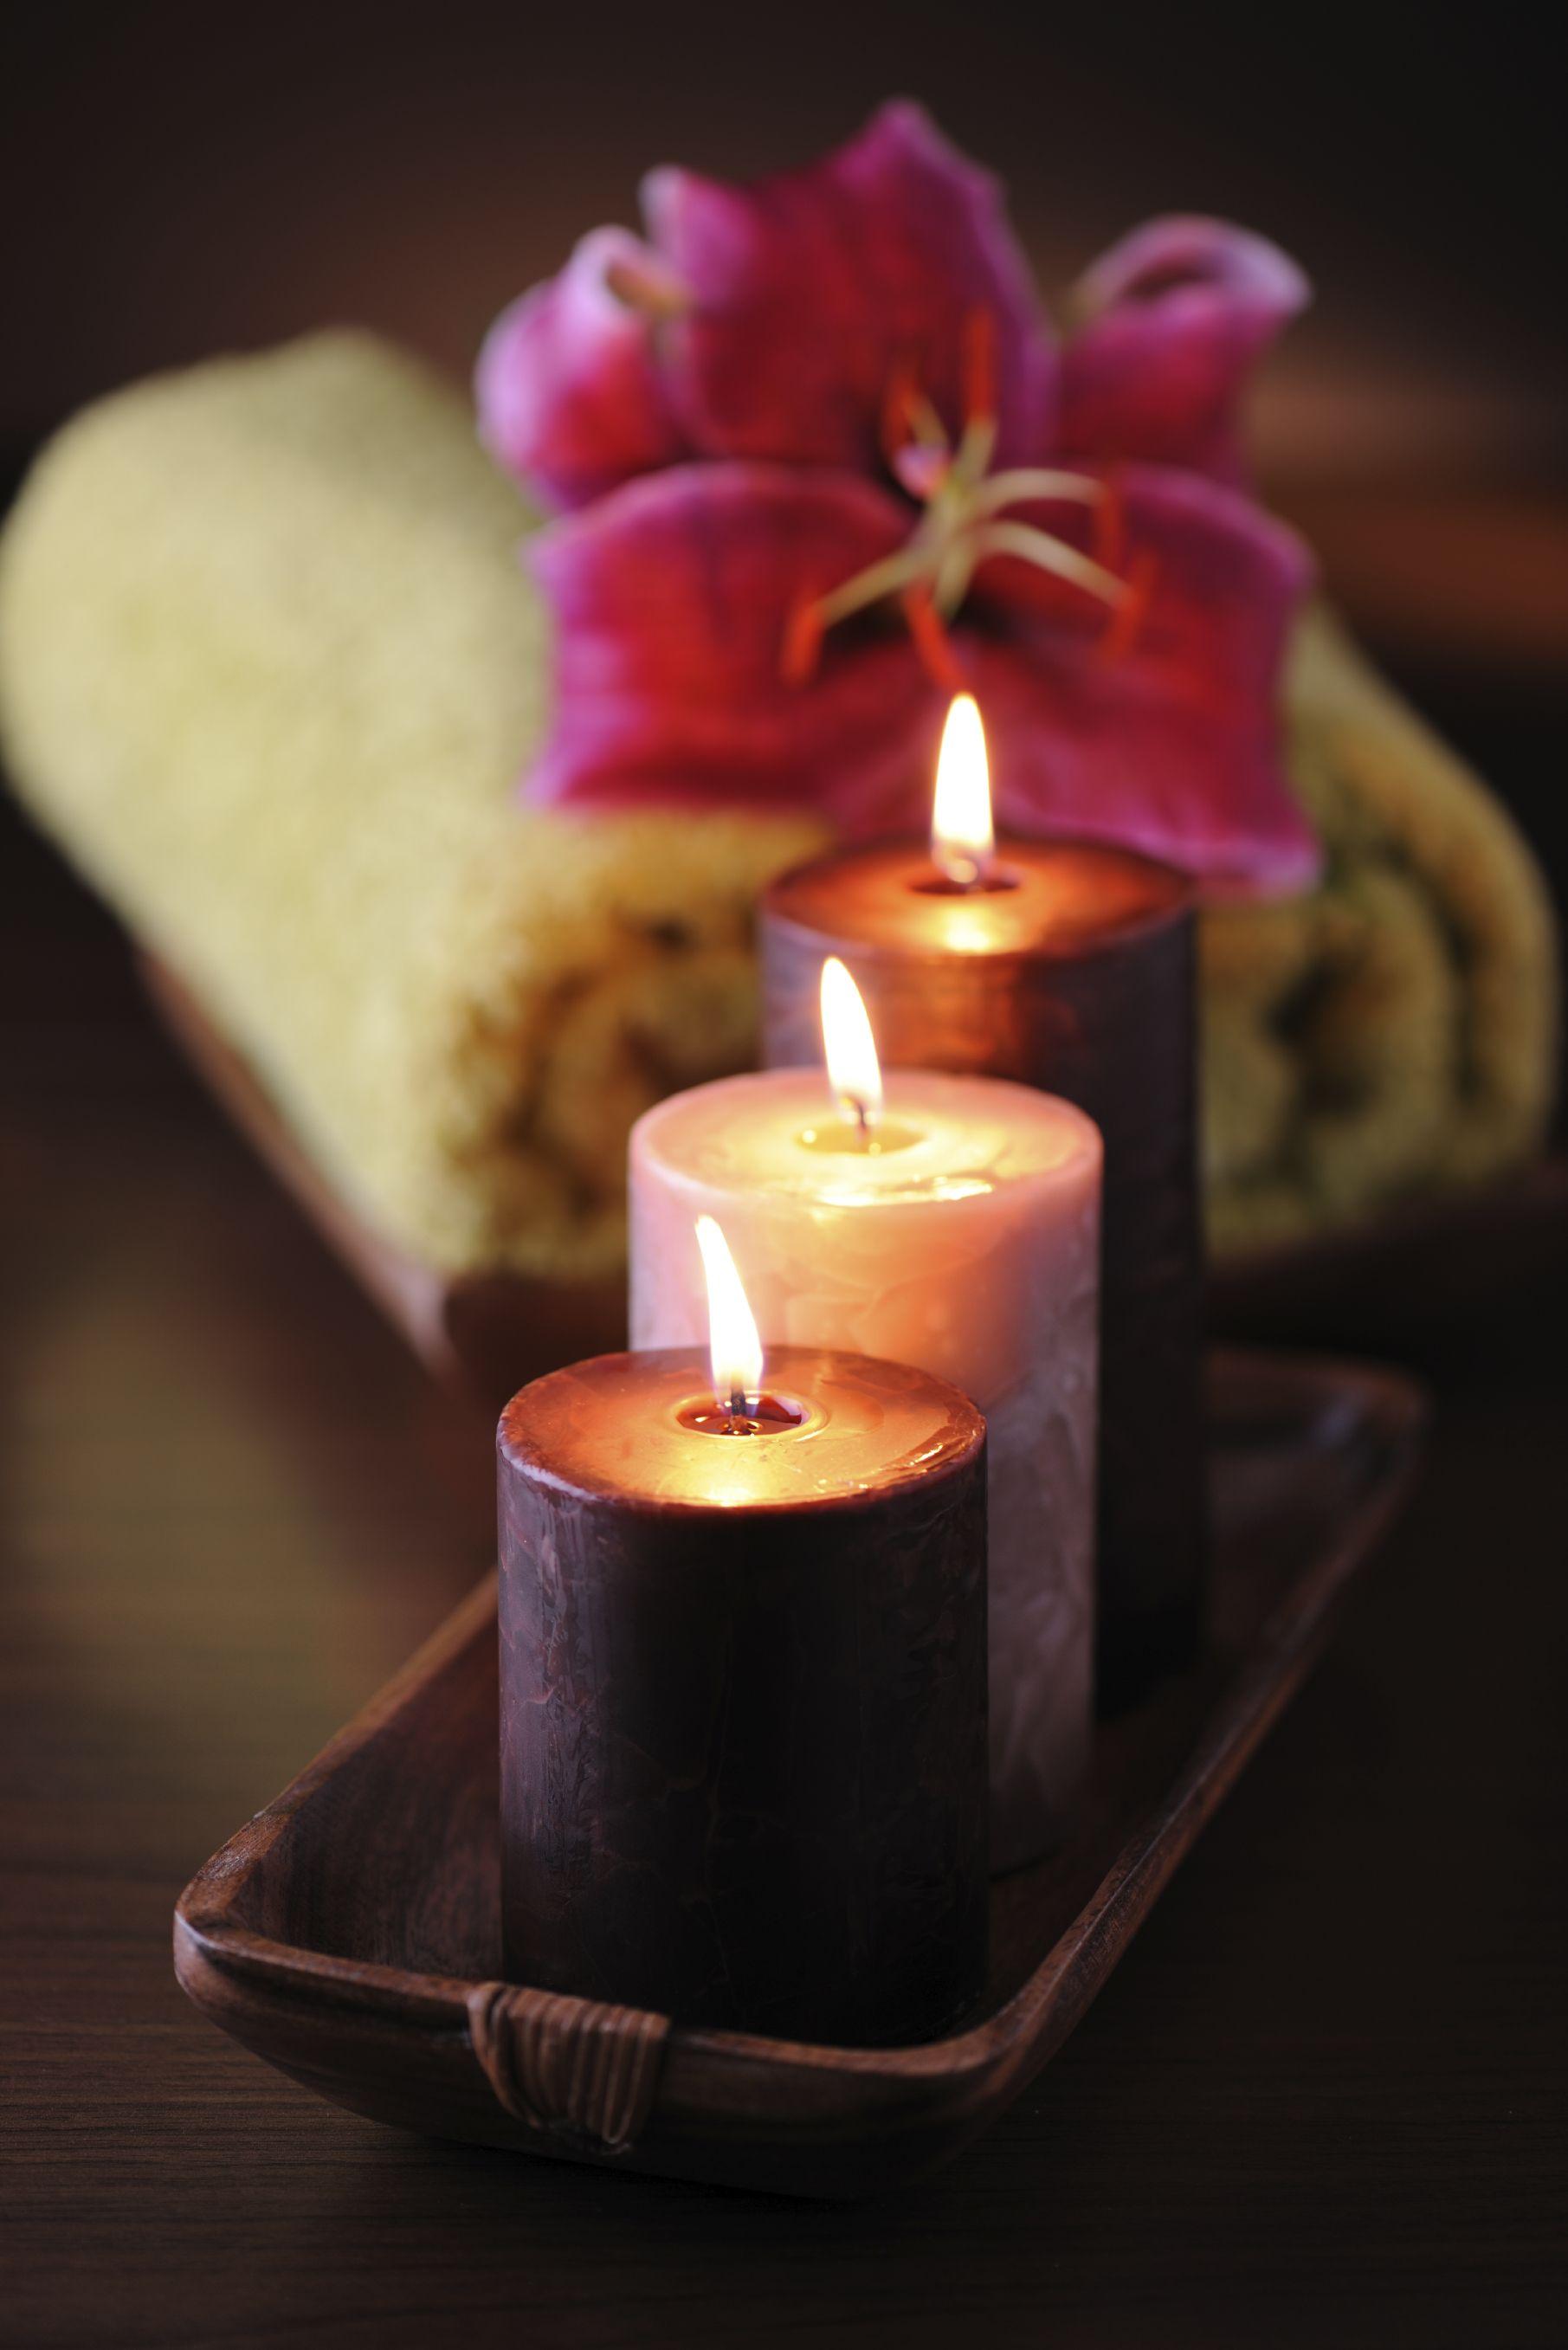 Und wann kommst du zum shiatsu massage for couples pinterest